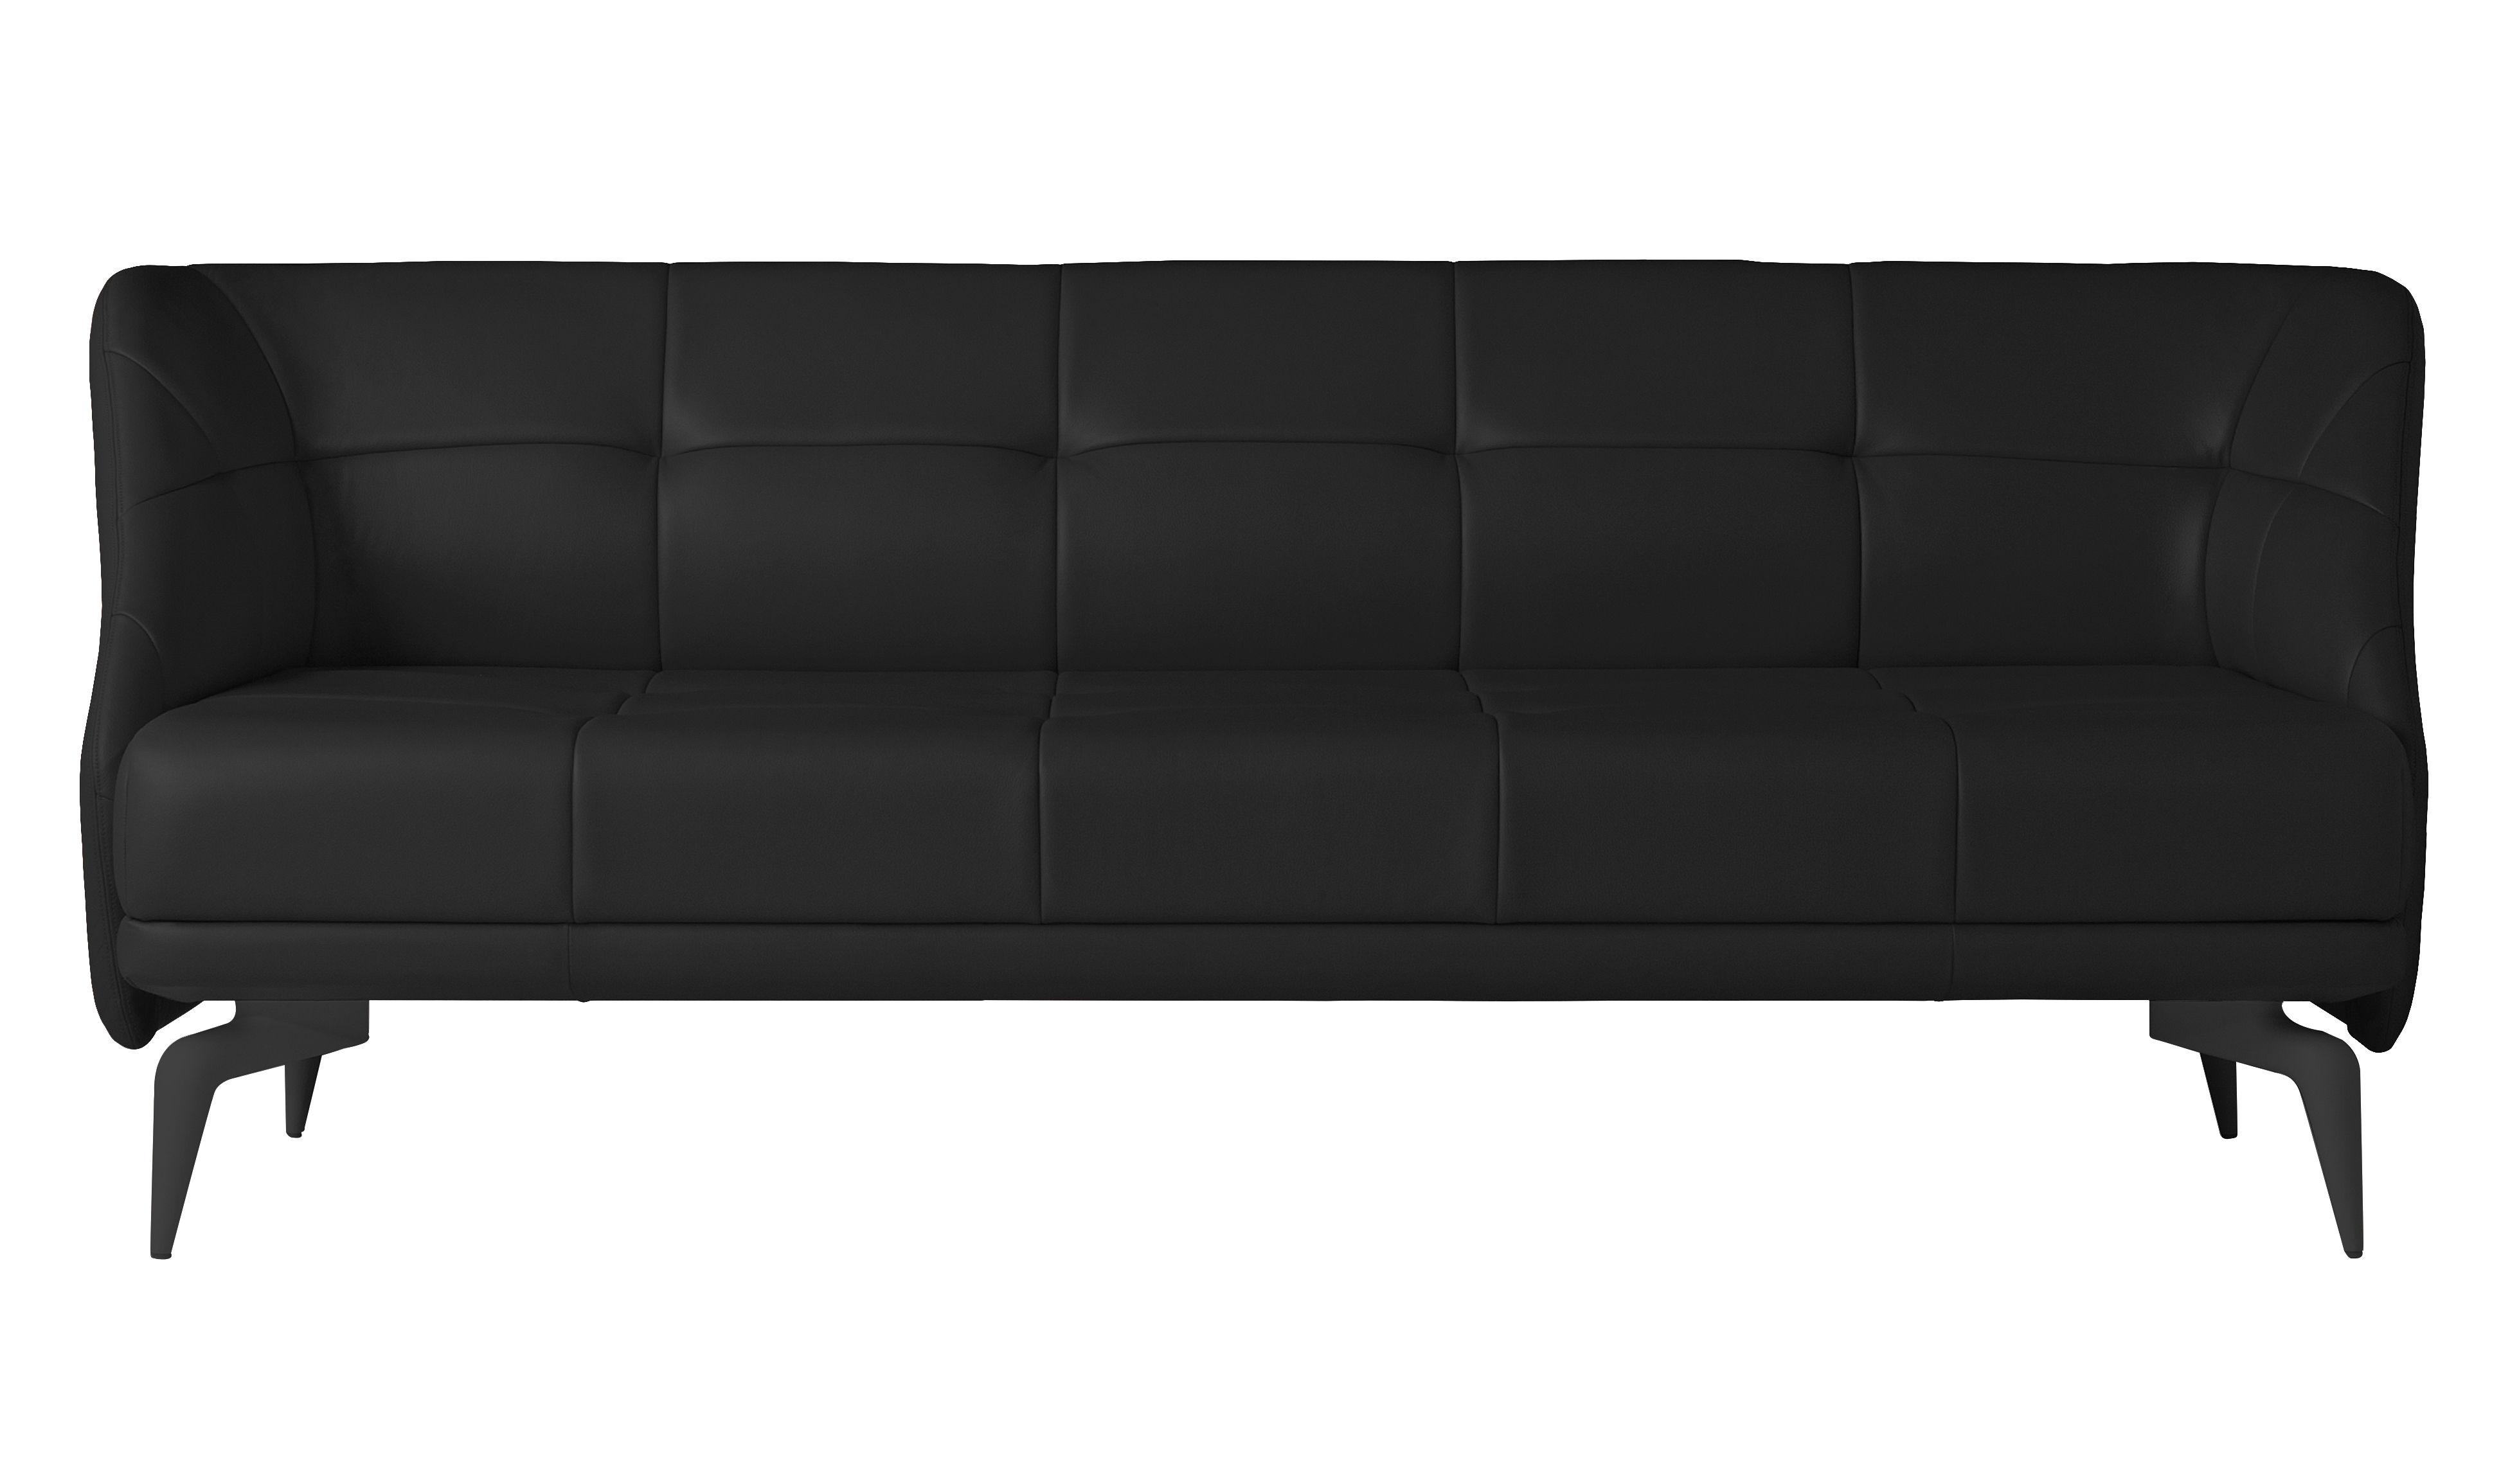 Arredamento - Divani moderni - Divano destro Leeon - 3 posti di Driade - Pelle nera - Alluminio laccato, Pelle